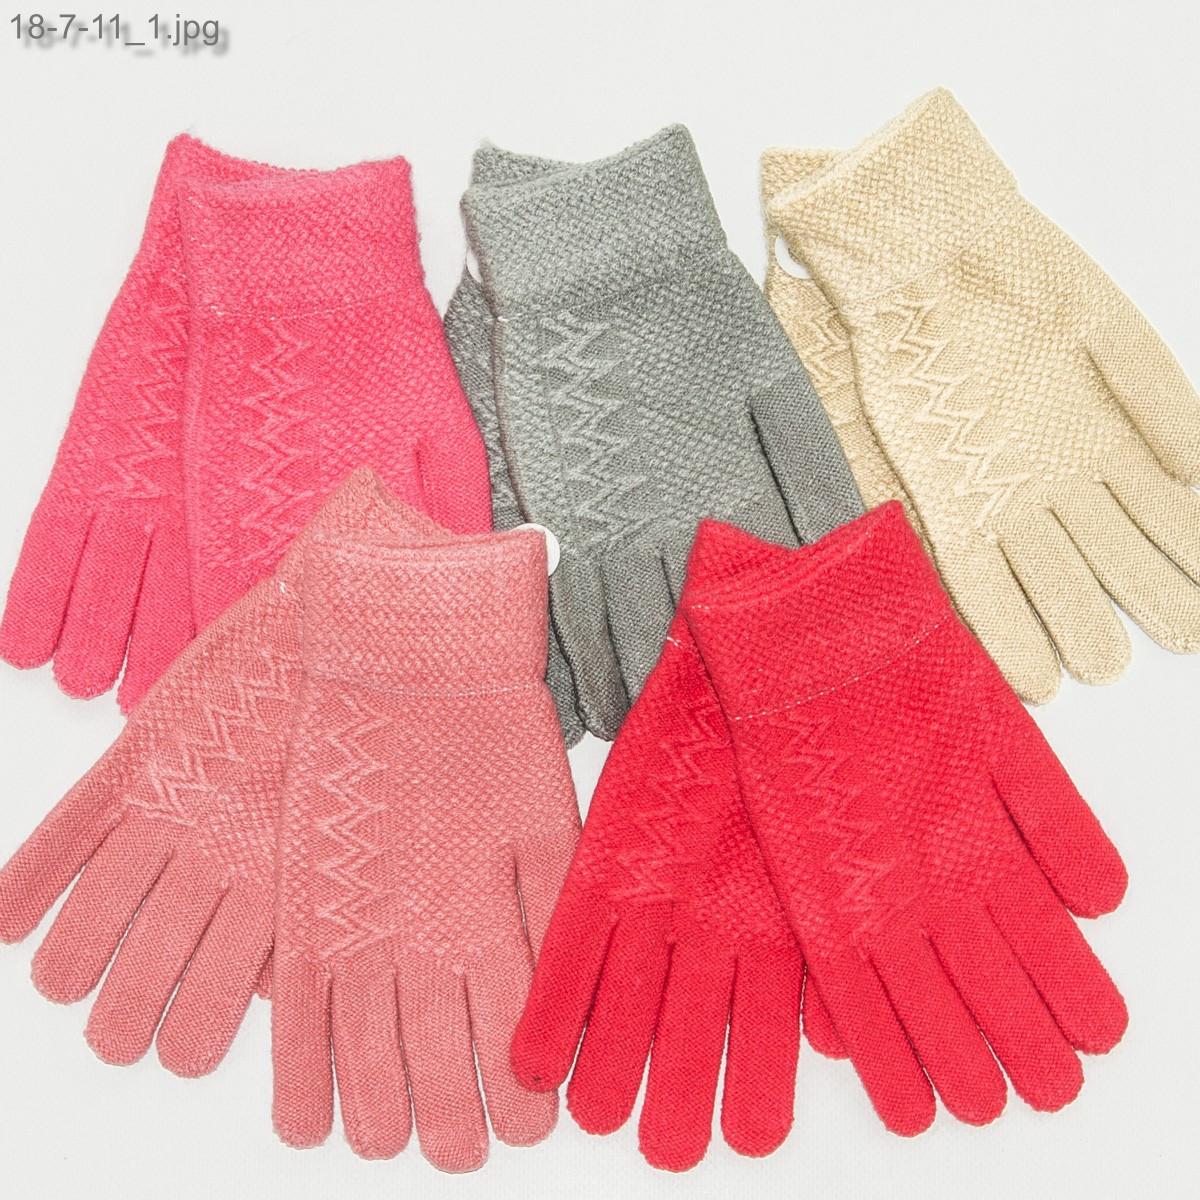 Оптом перчатки для девочек 7-11 лет - №18-7-11